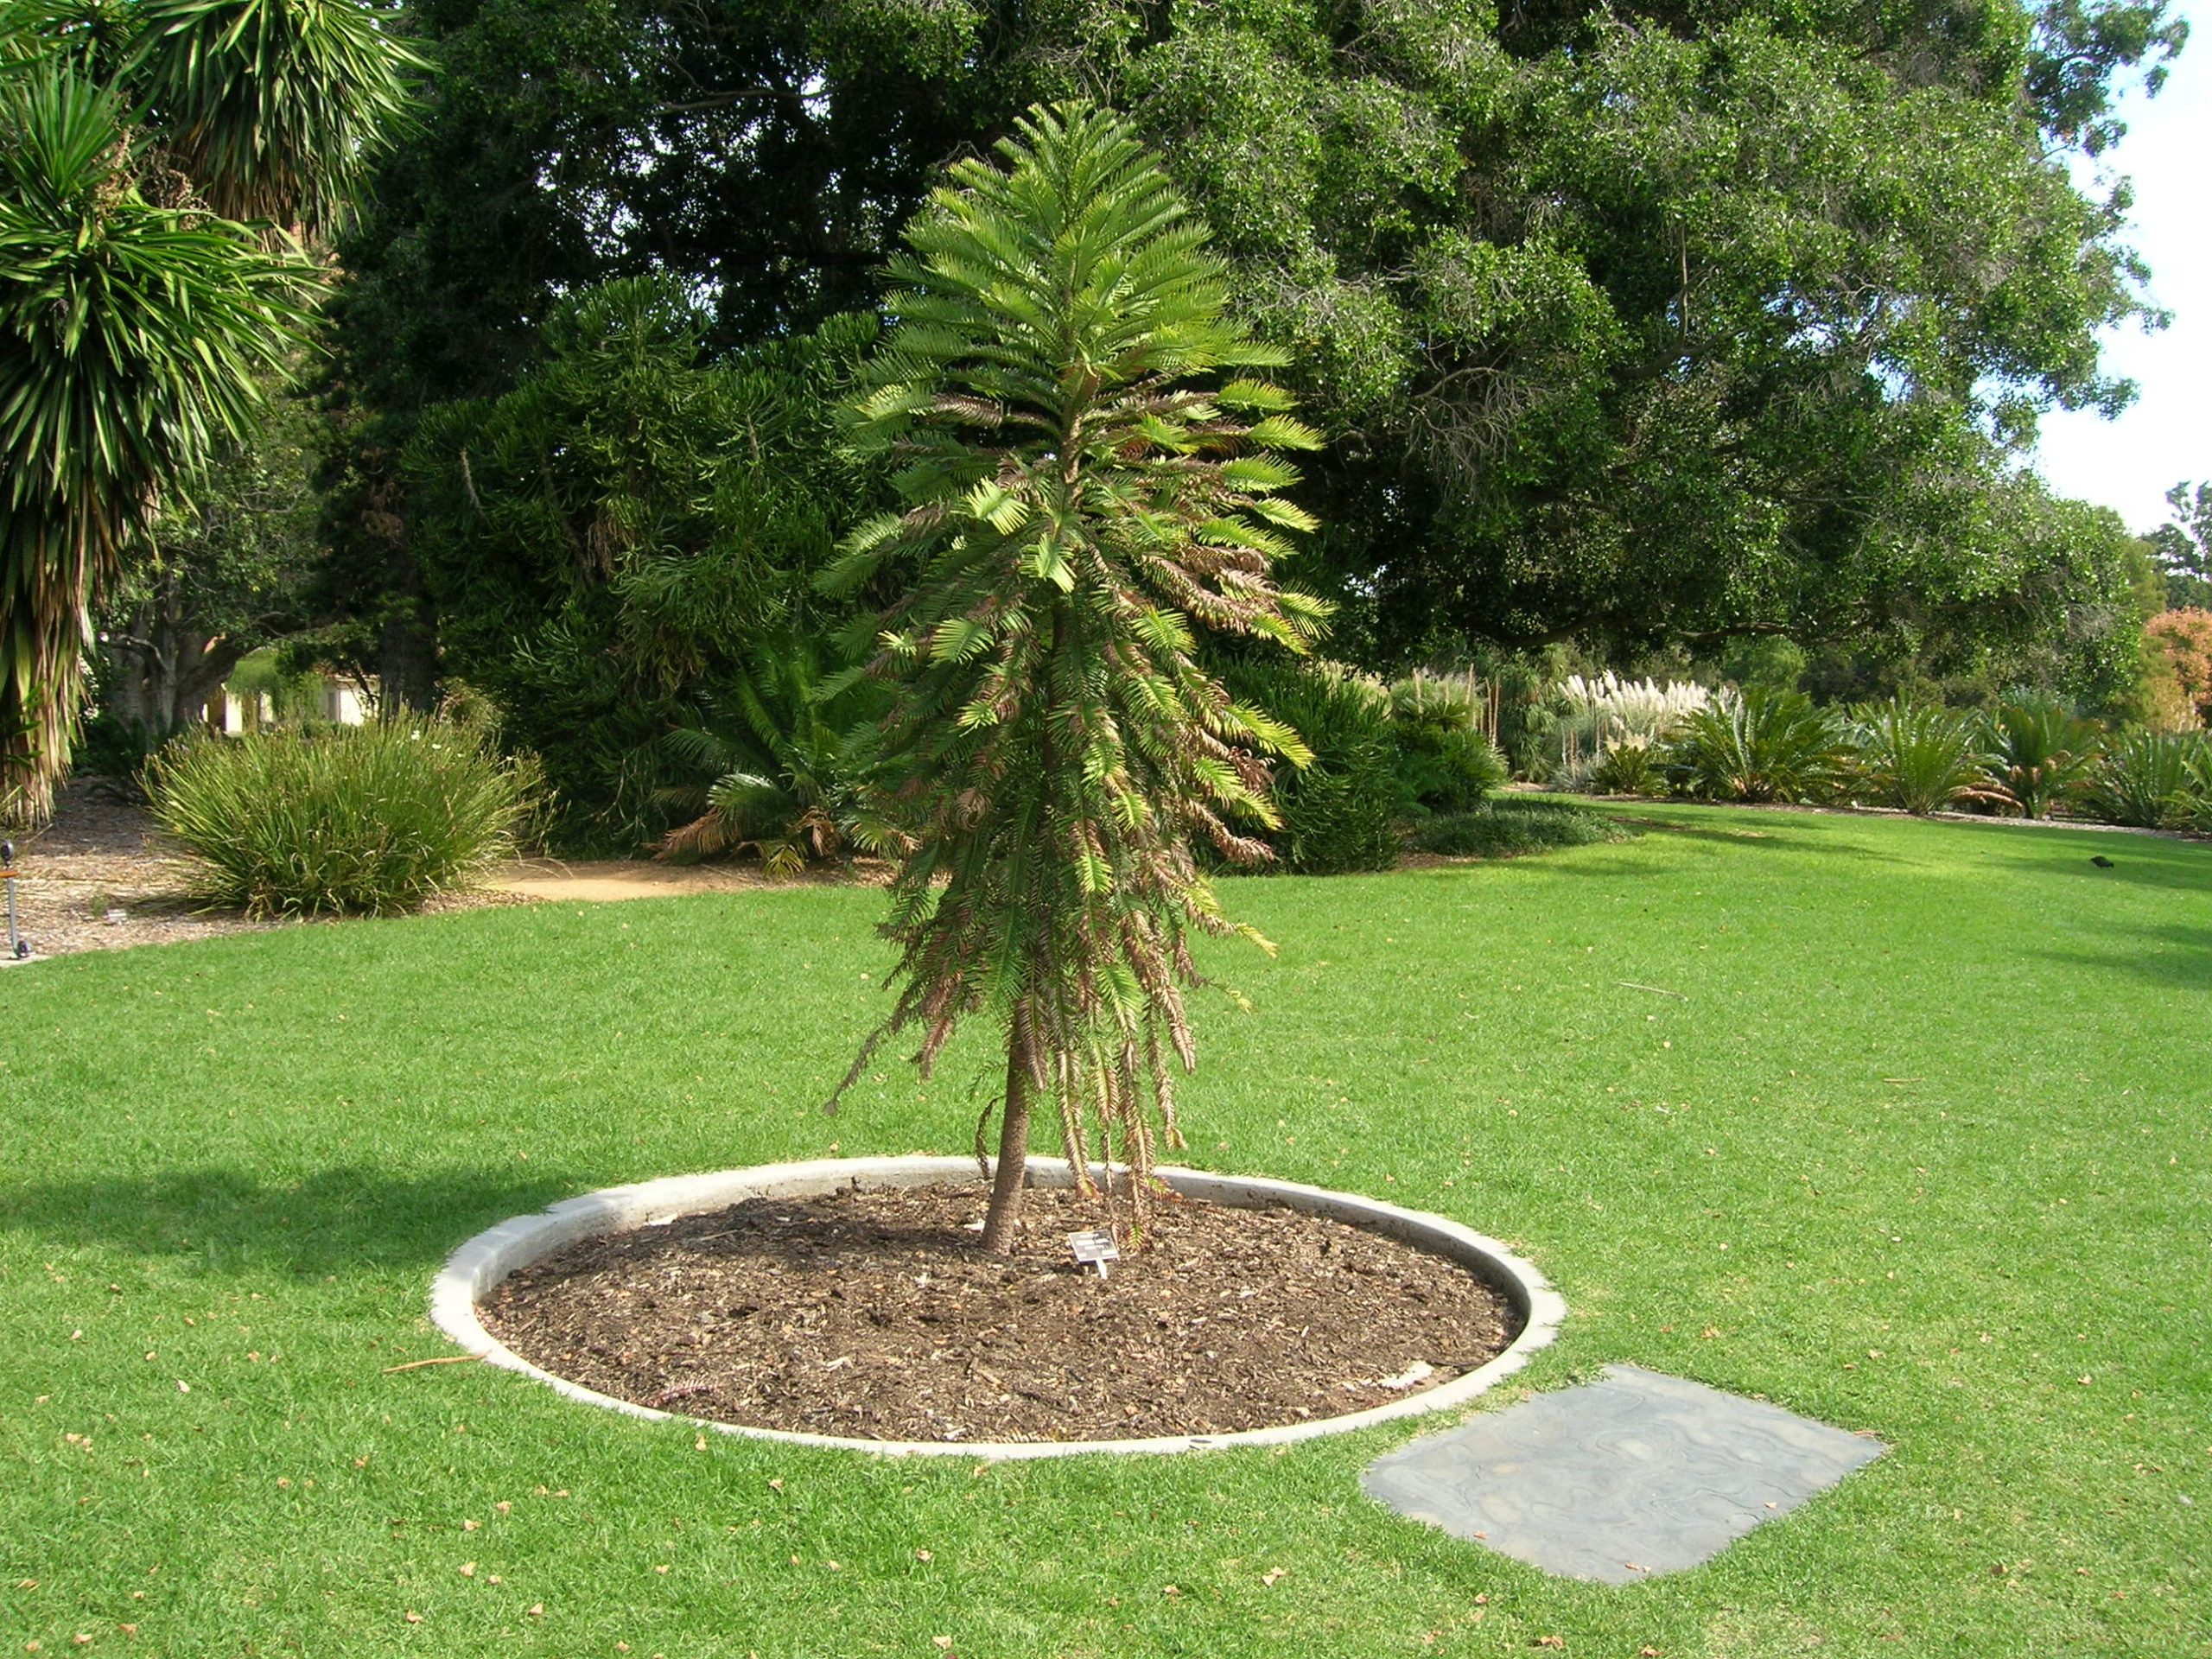 Wollemia nobilis en jardín